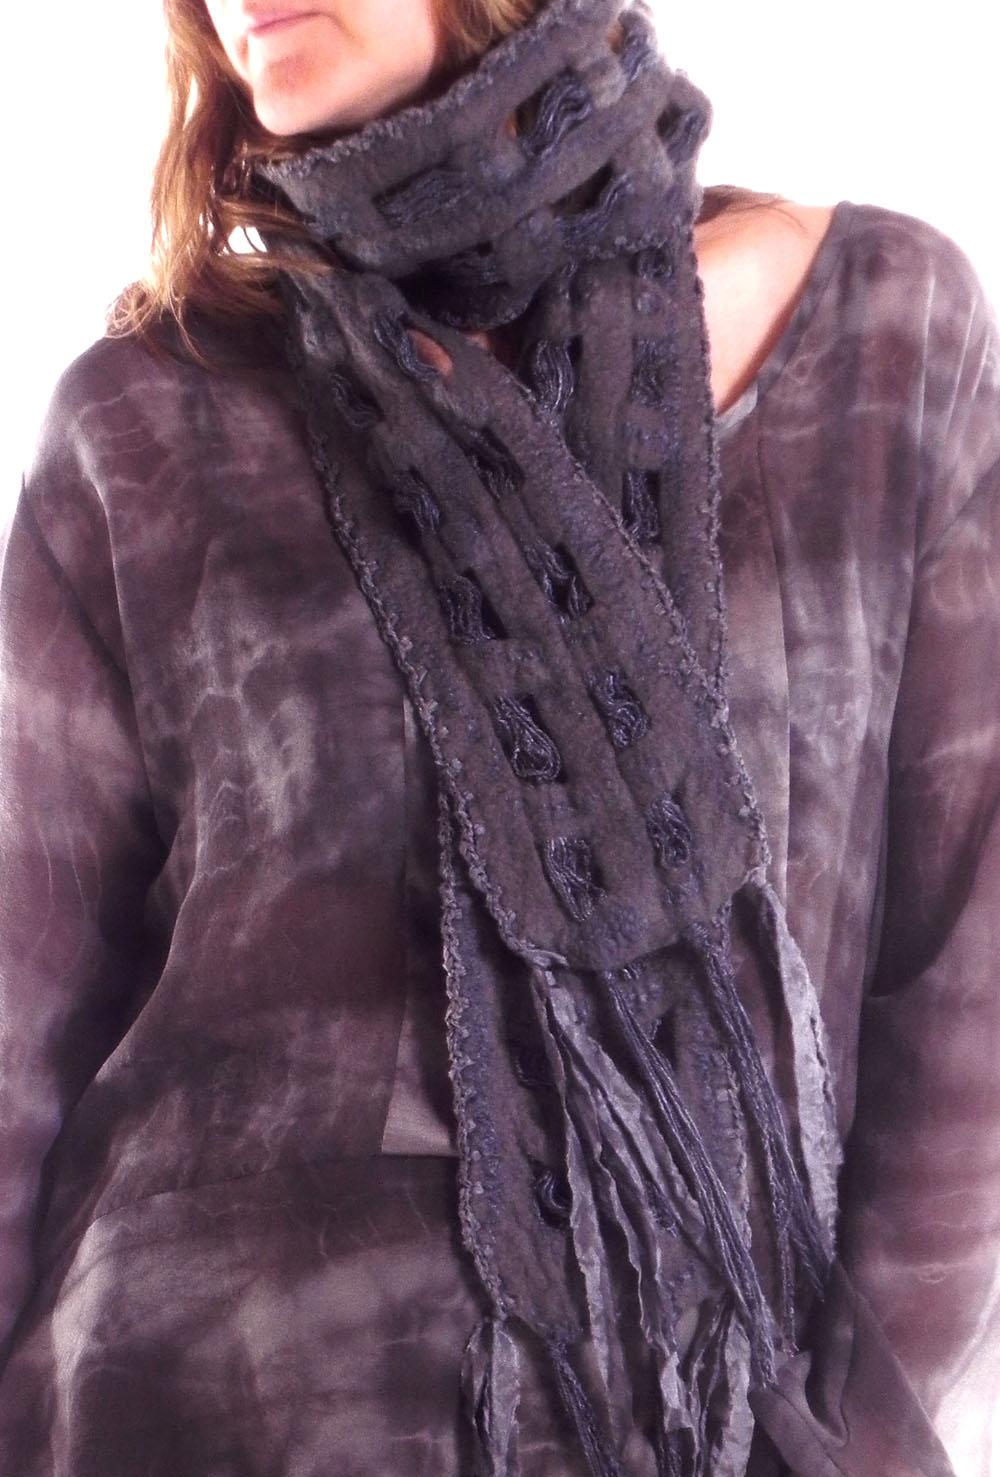 stranded grid scarf.jpg